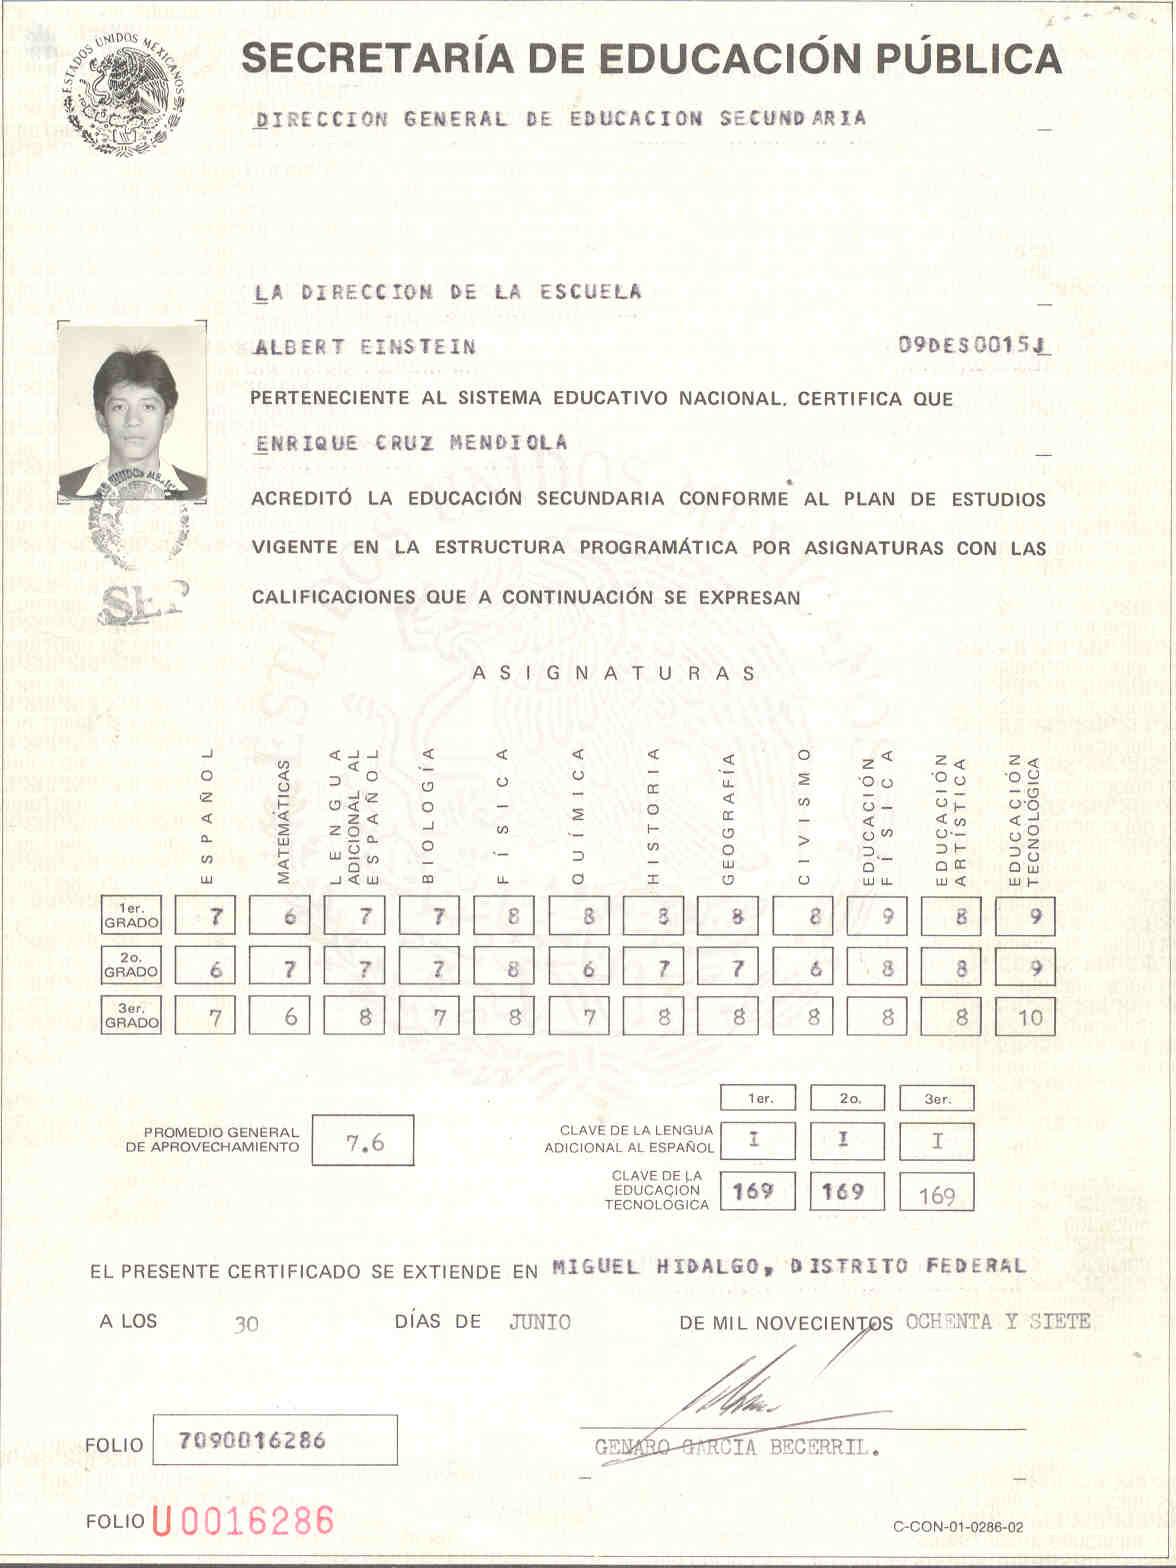 Checocarreraweb Curriculum Vitae